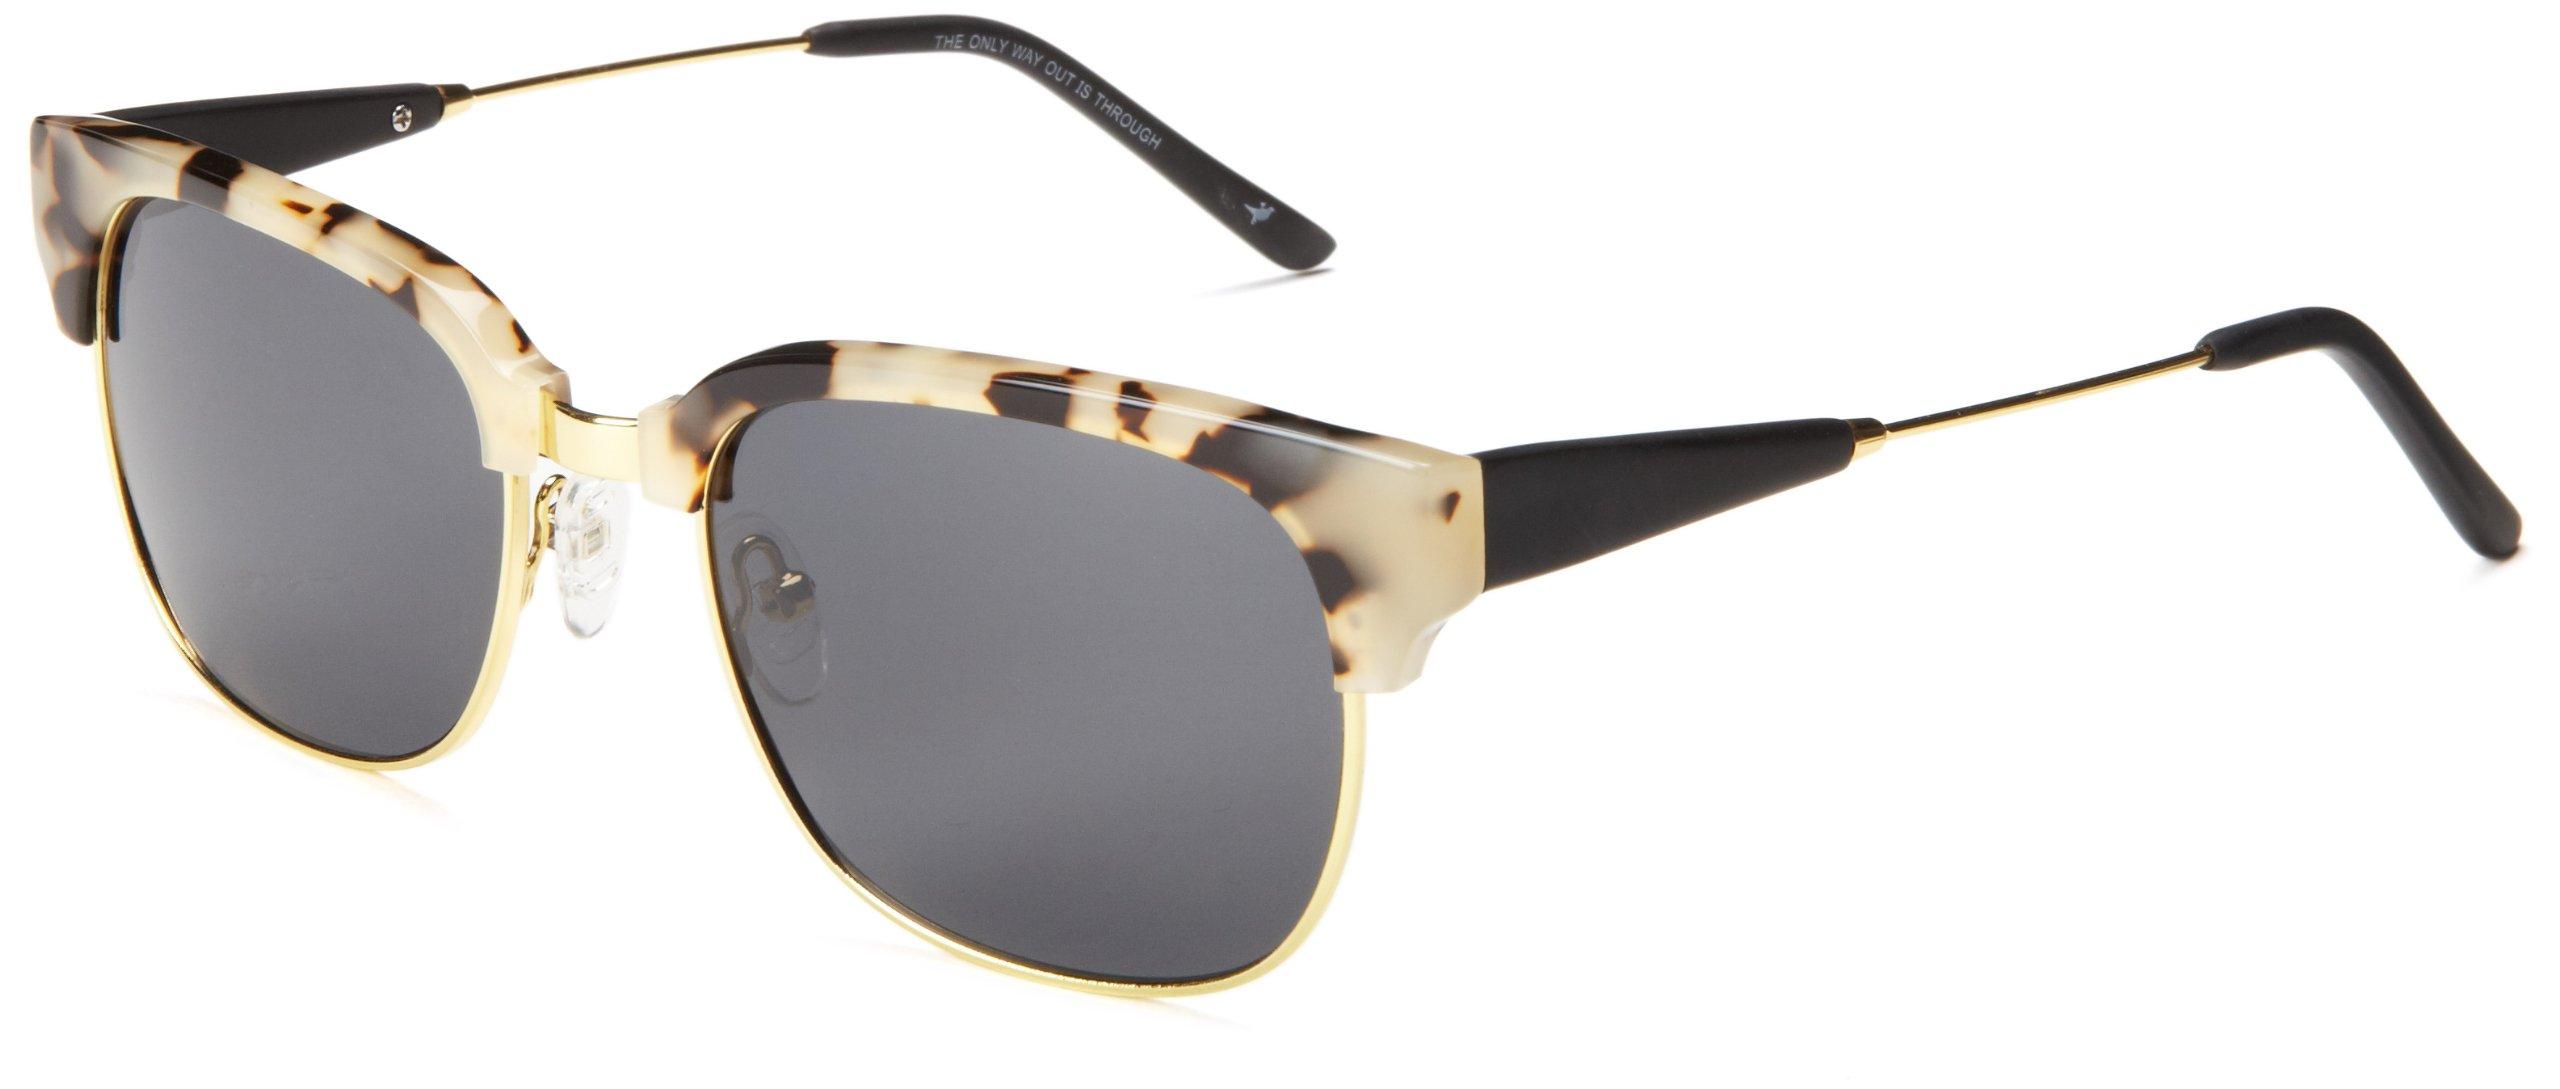 Proof Eyewear Unisex Ontario Pear Skate Wood Sunglasses Handcrafted Water Resistant,  Snow Tortoise,  54 mm